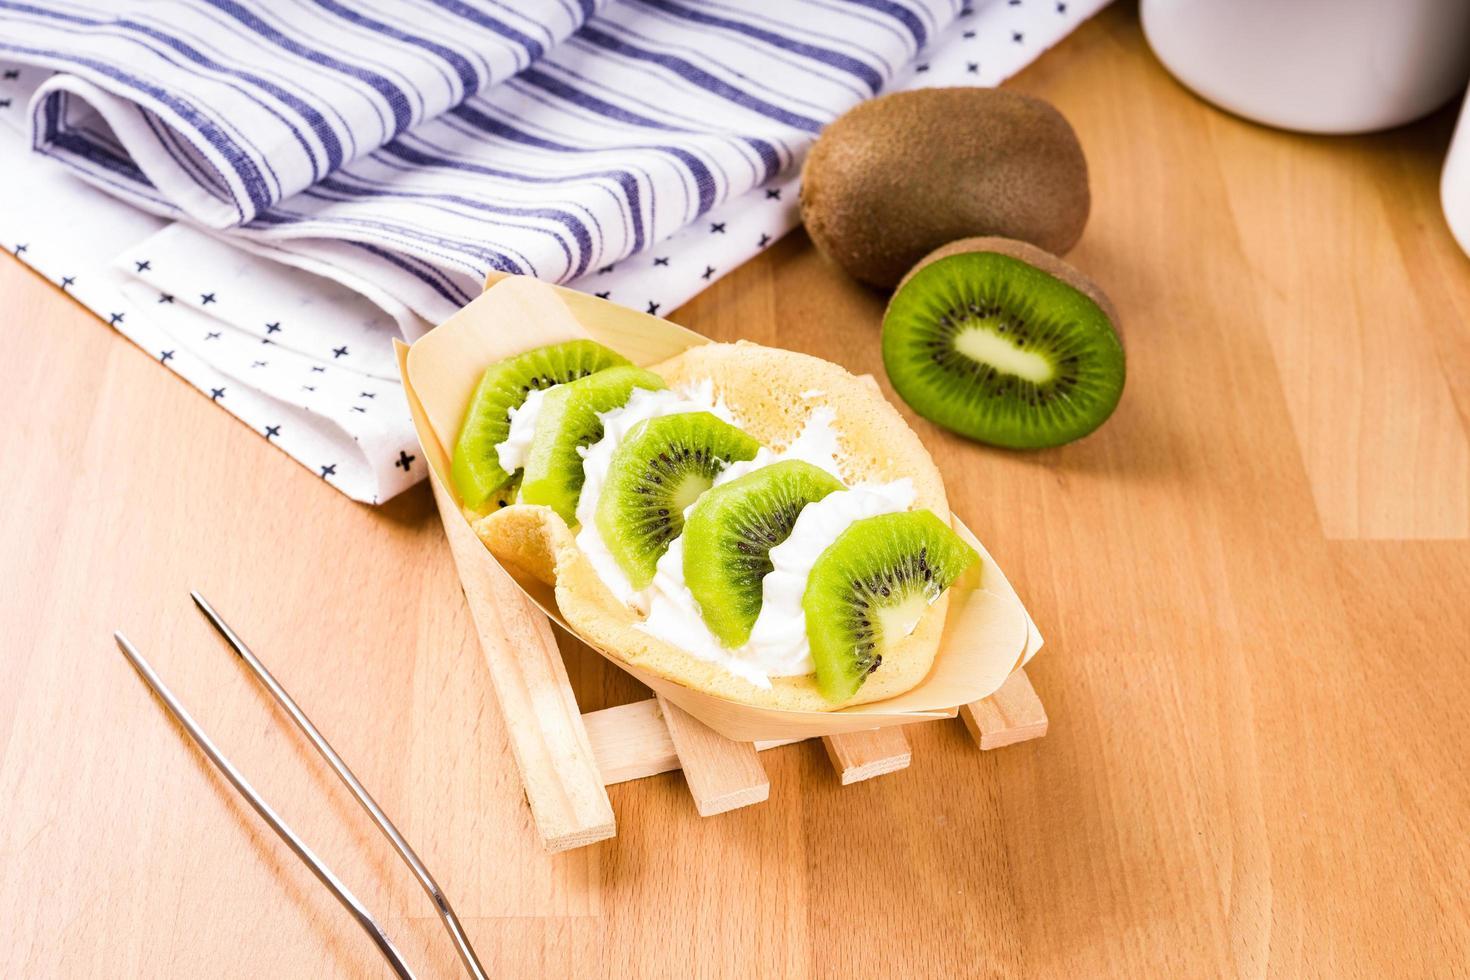 dessert kiwi sur une table photo